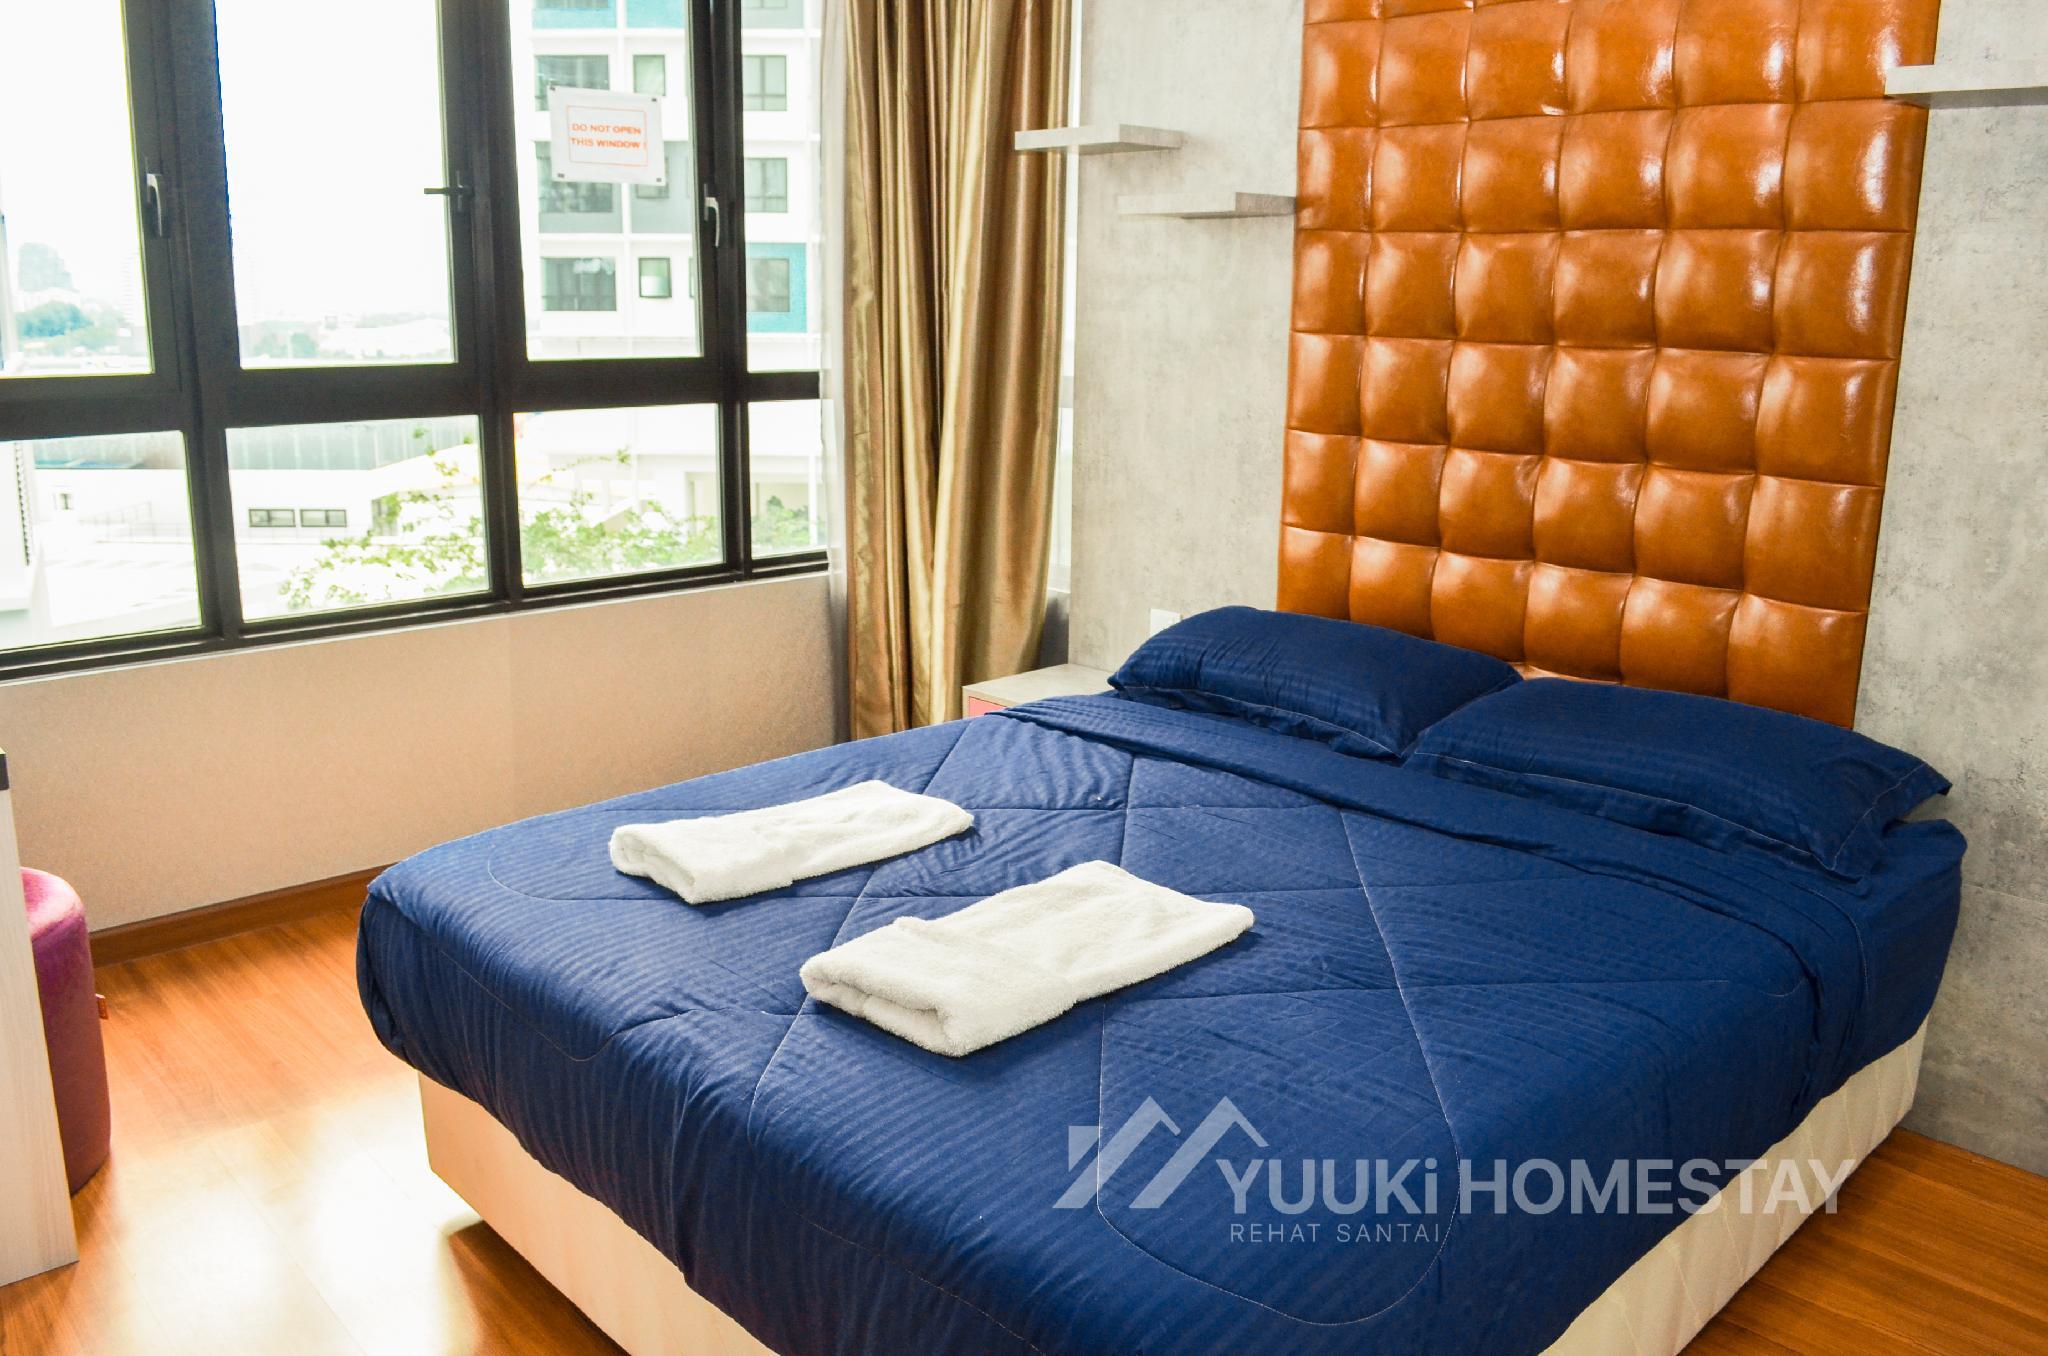 I City @ I Soho 2 BEDROOMS @Yuuki Homestay  026U